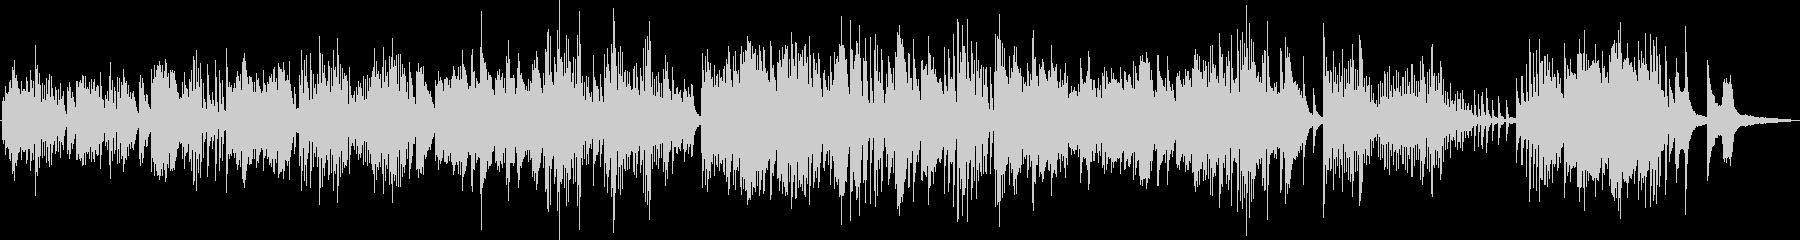 幻想的なピアノバラード(神秘的・透明感)の未再生の波形